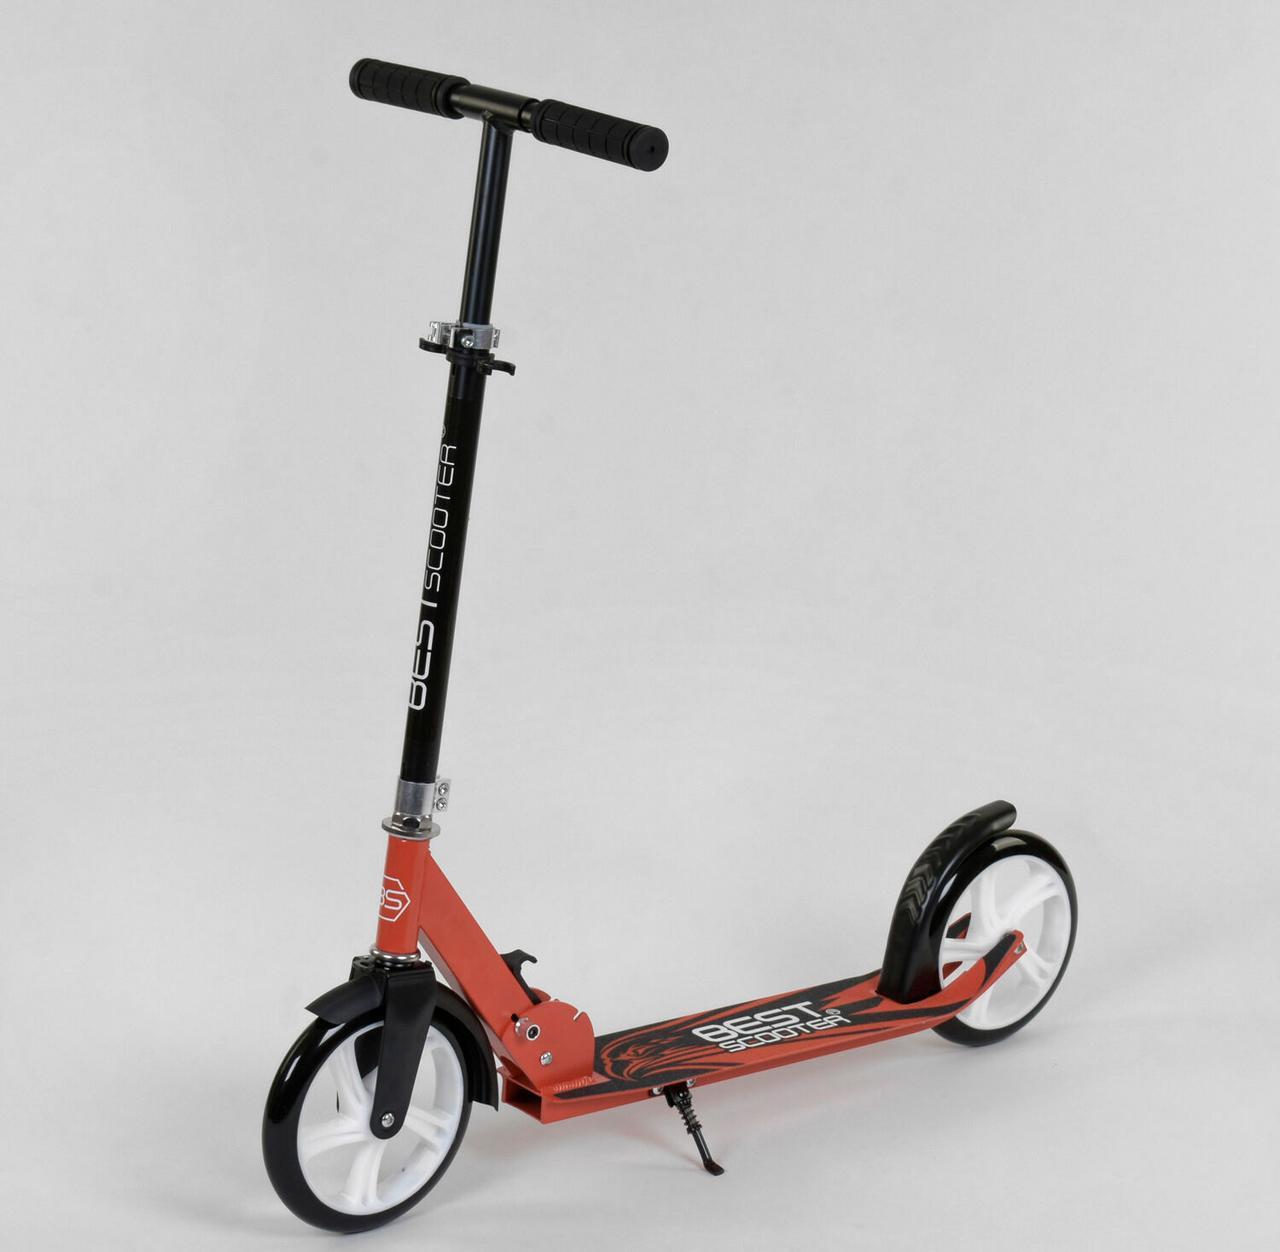 Двоколісний Самокат Best Scooter, Червоний, кольорові колеса PU - 20 см, затиск керма, довжина дошки 53 см